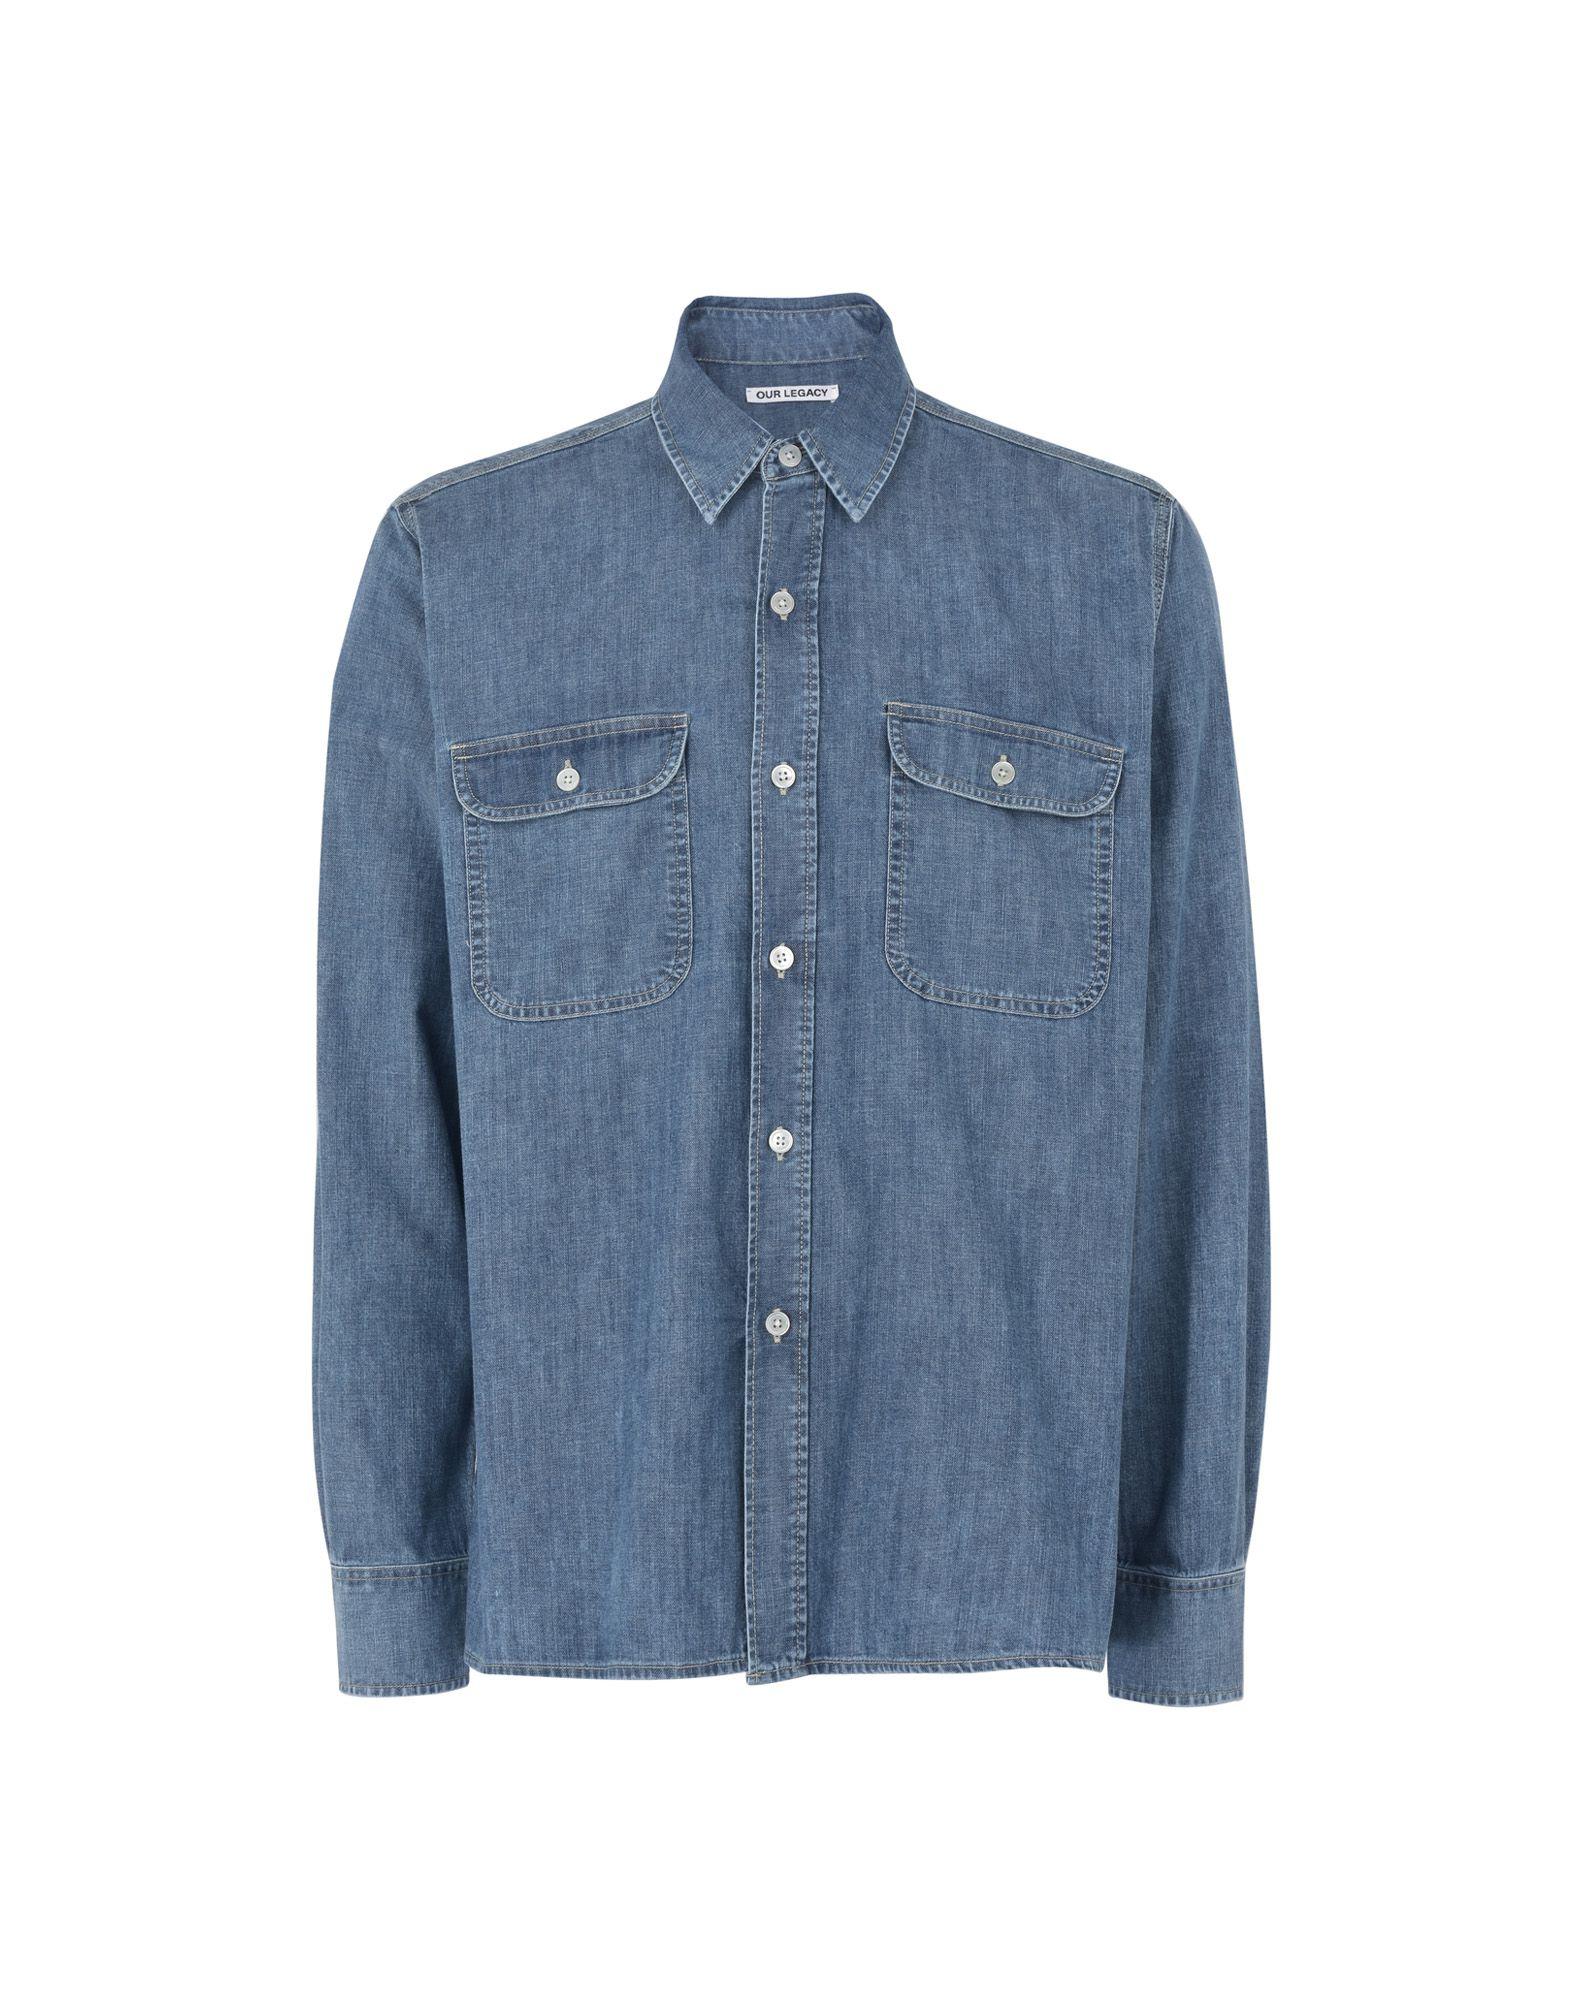 《送料無料》OUR LEGACY メンズ デニムシャツ ブルー 46 コットン 100% Our Legacy Country Shirt Vintage Denim